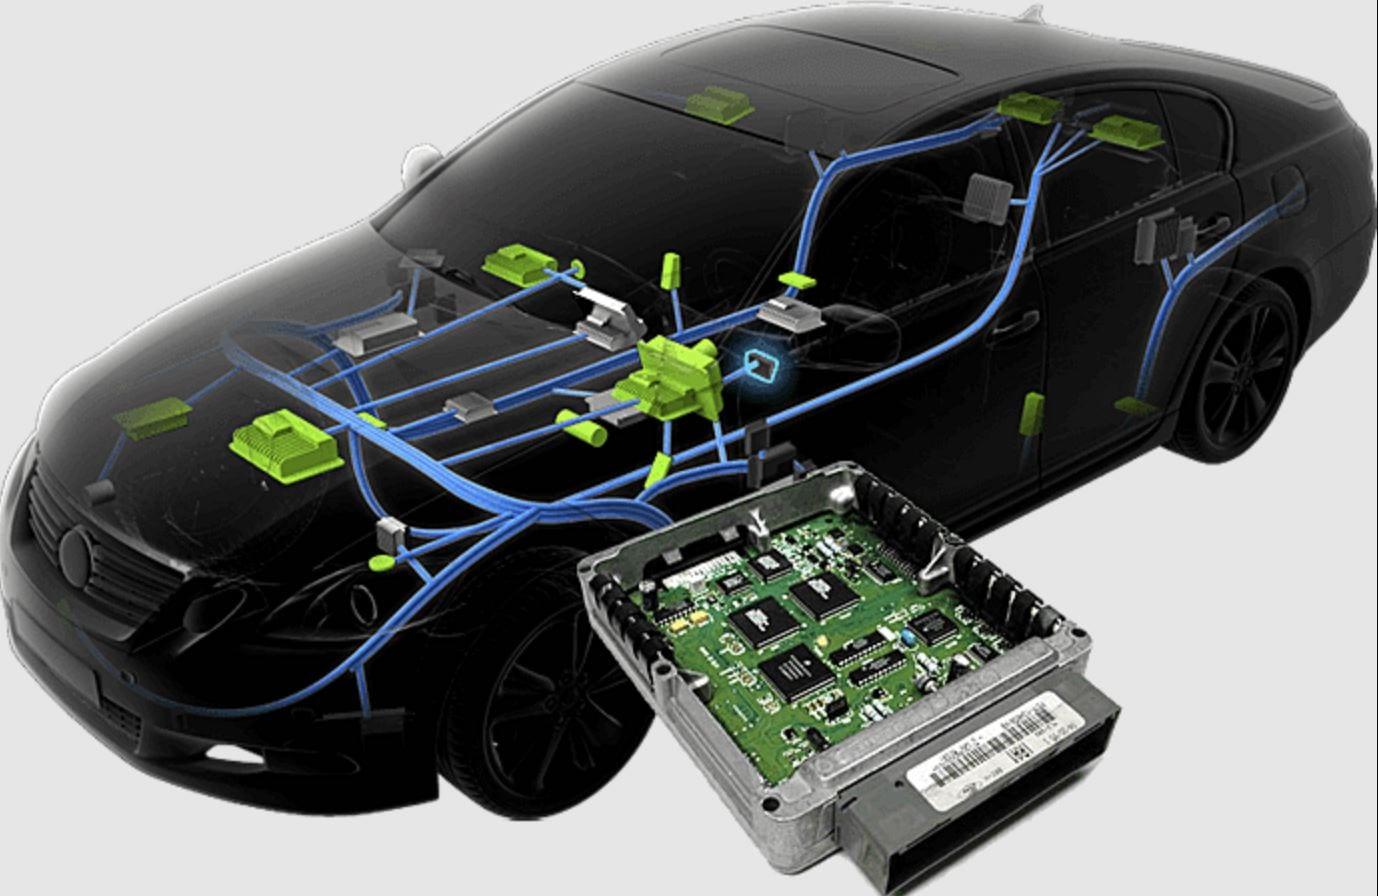 La crisi dei chip costerà all'industria automobilistica 210 miliardi di dollari